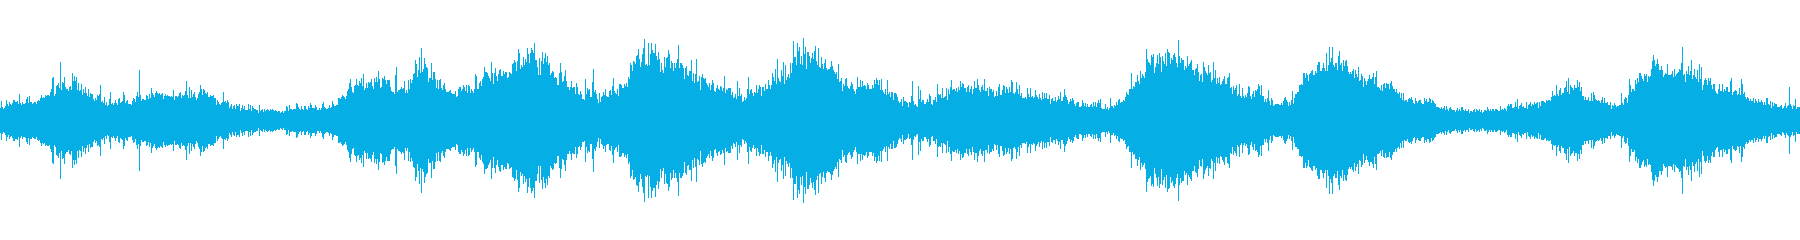 ループ再生用・波音・ビーチに寄せる波の再生済みの波形